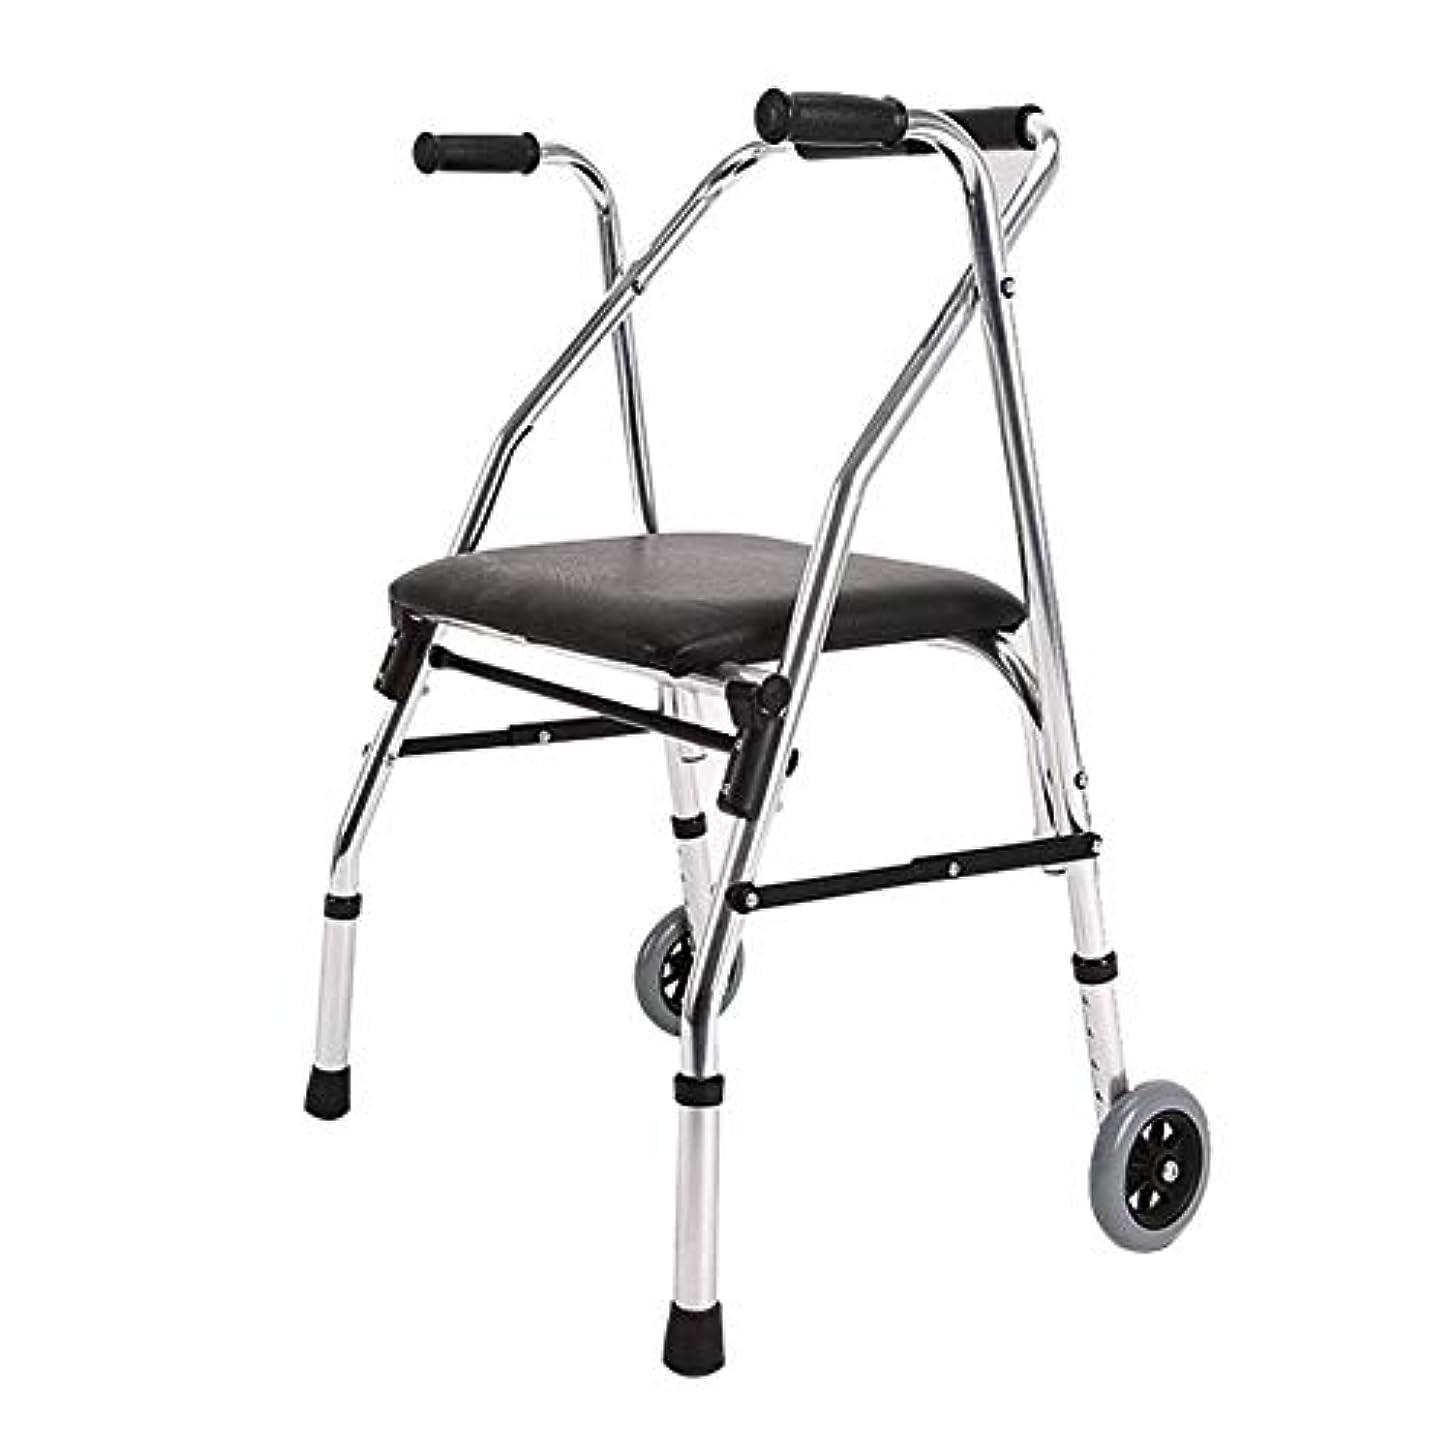 パット精度ベッツィトロットウッド軽量ウォーカー、パッド入りシートとバッグコンパクト折りたたみデザイン高齢者ウォーカー付きアルミニウムローラー